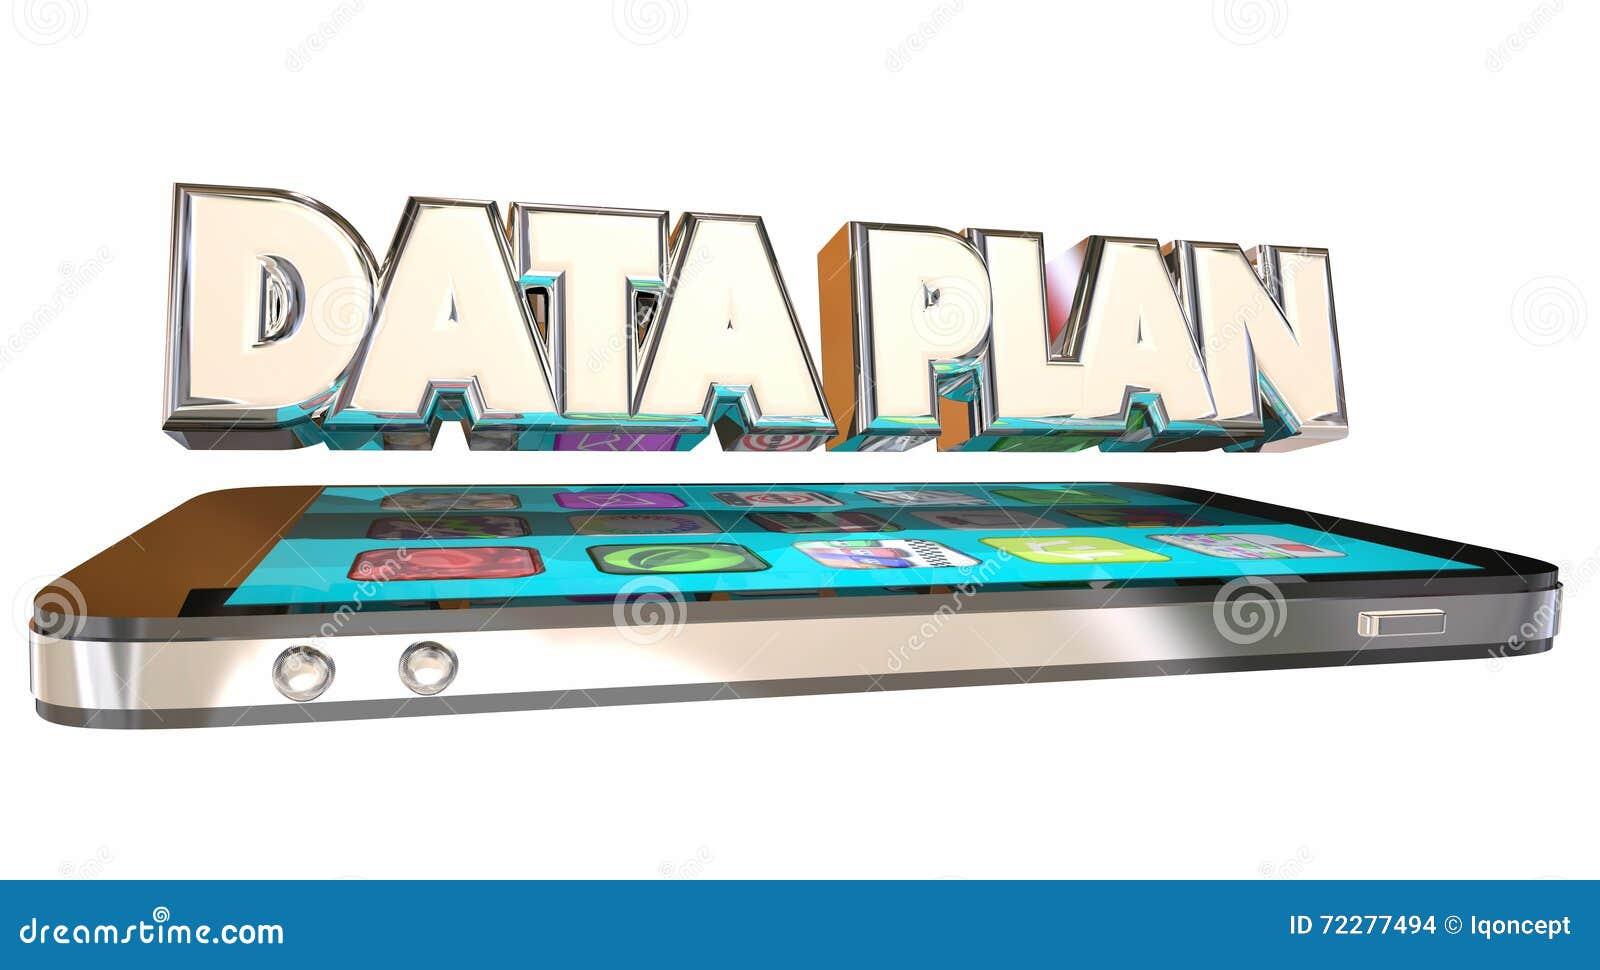 Download Поставщик услуг мобильного телефона плана данных умный Иллюстрация штока - иллюстрации насчитывающей телефон, обслуживание: 72277494